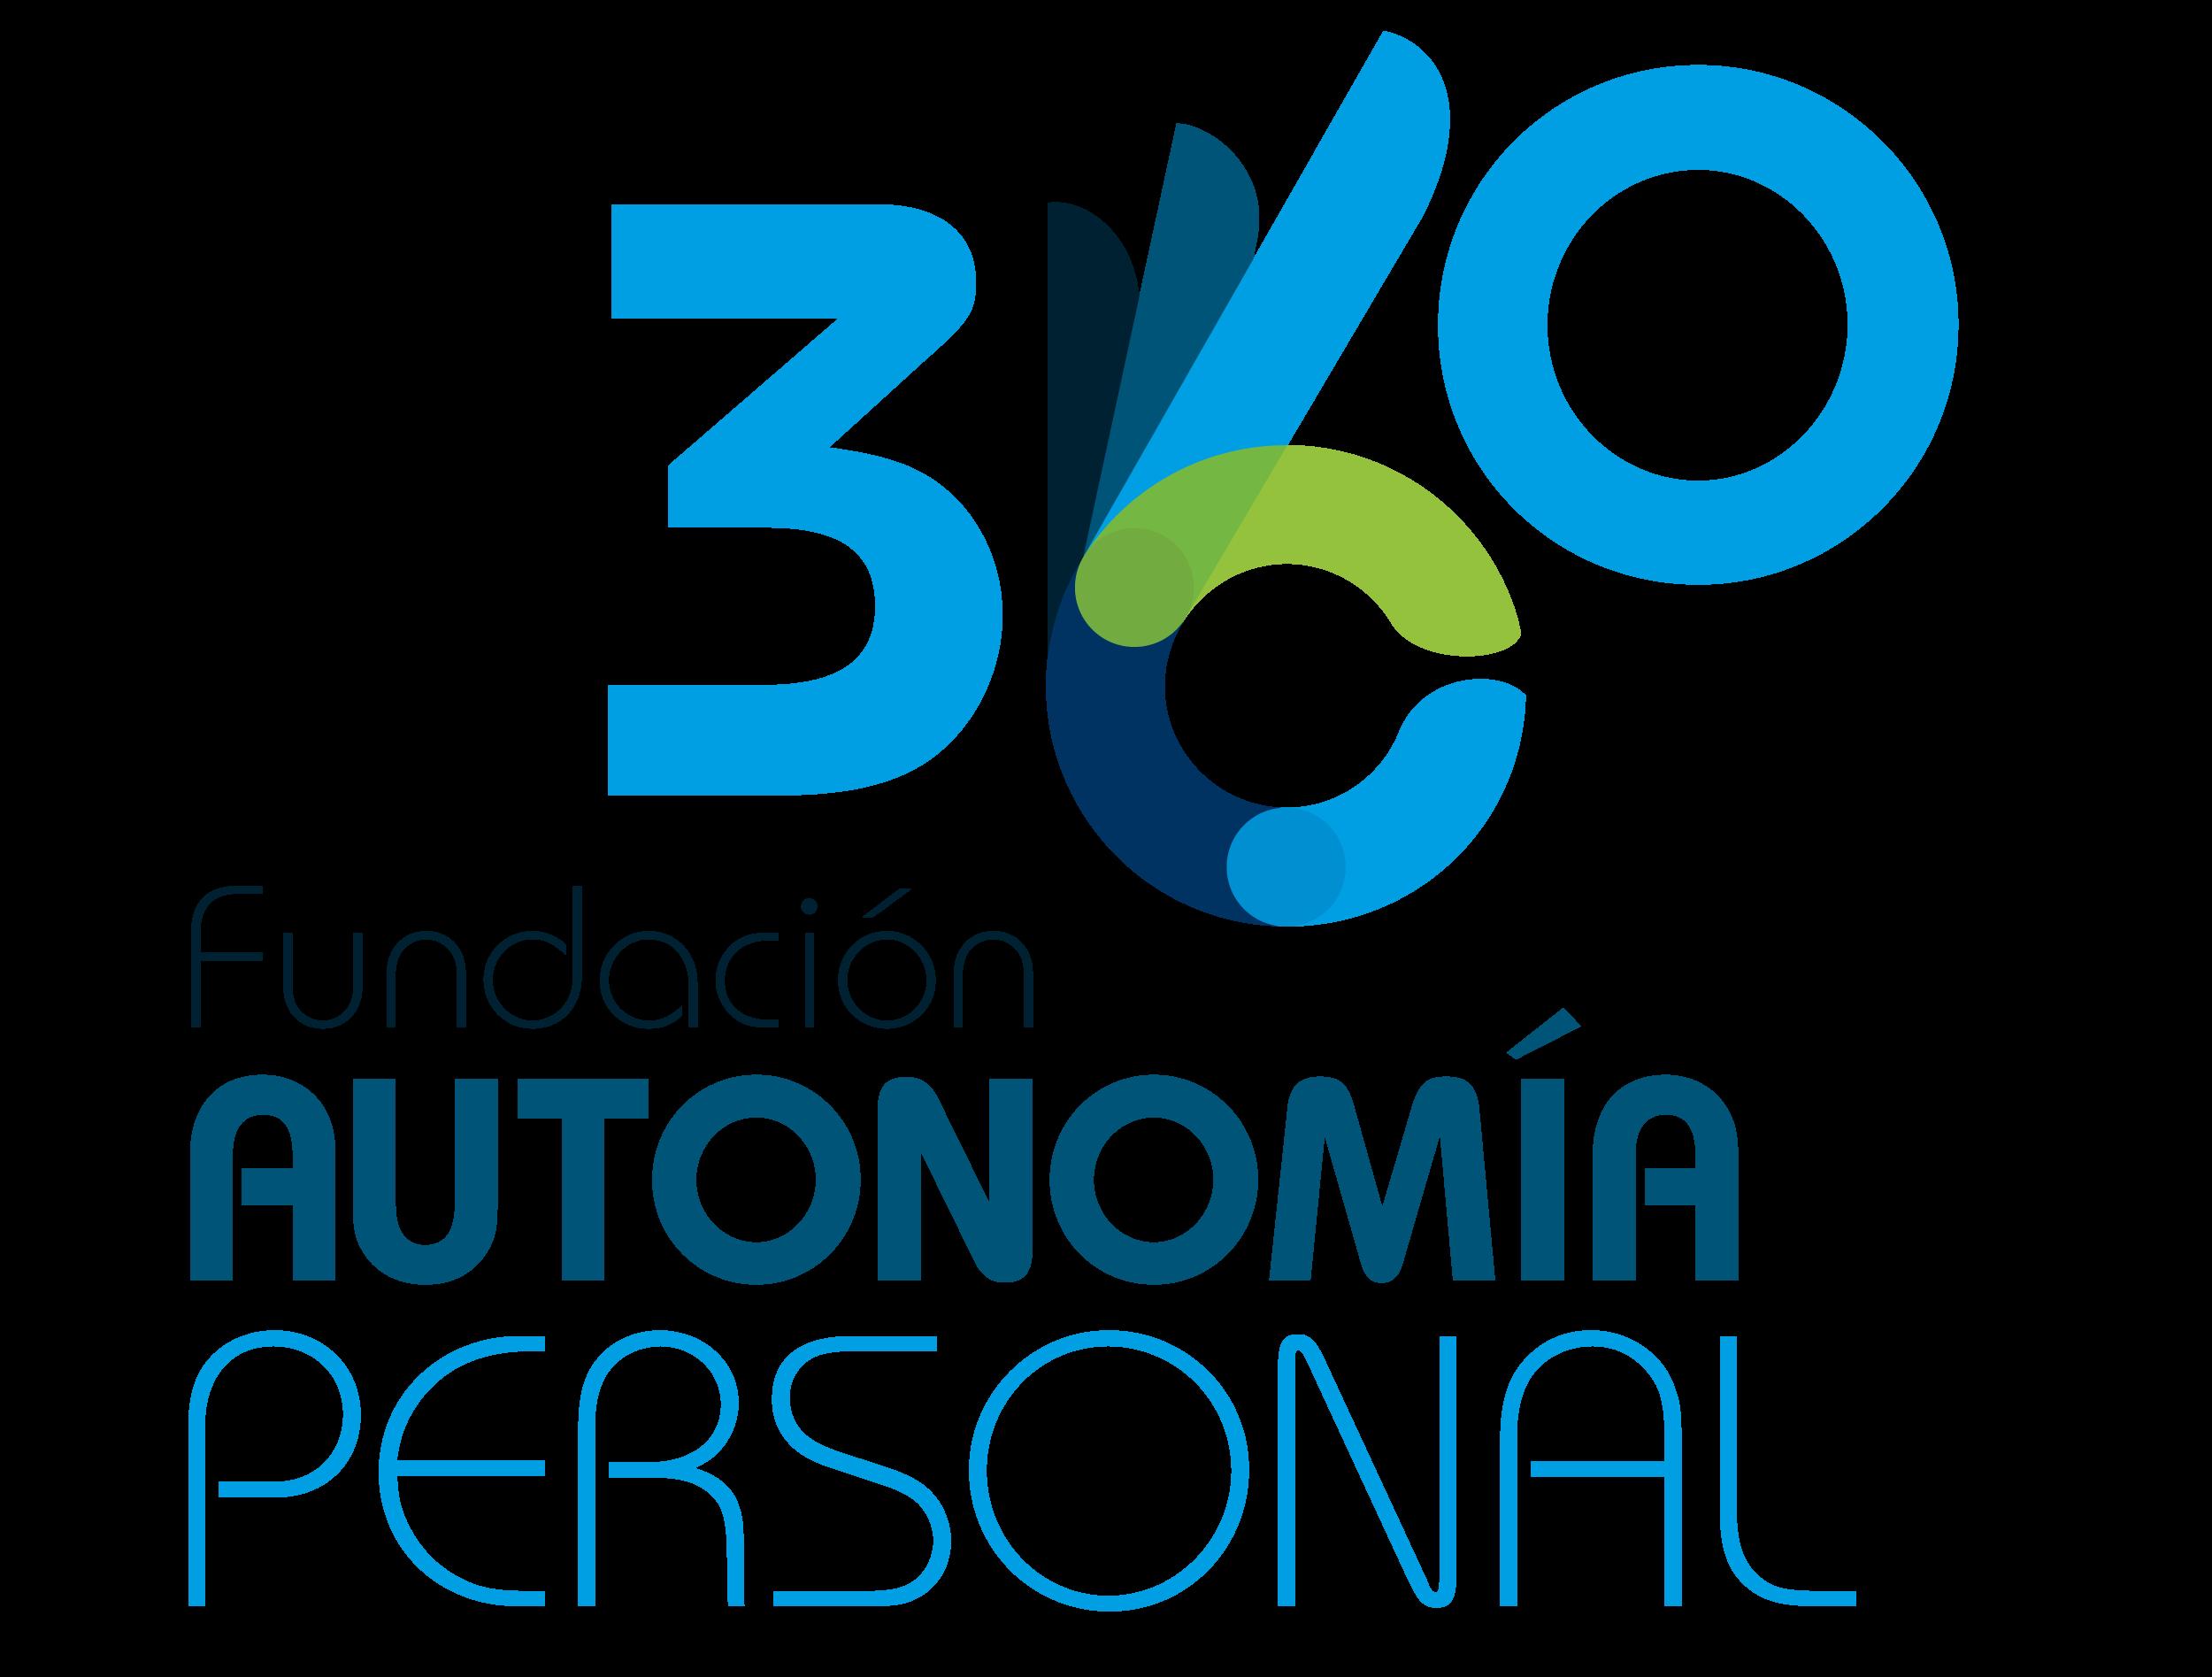 Fundación 360